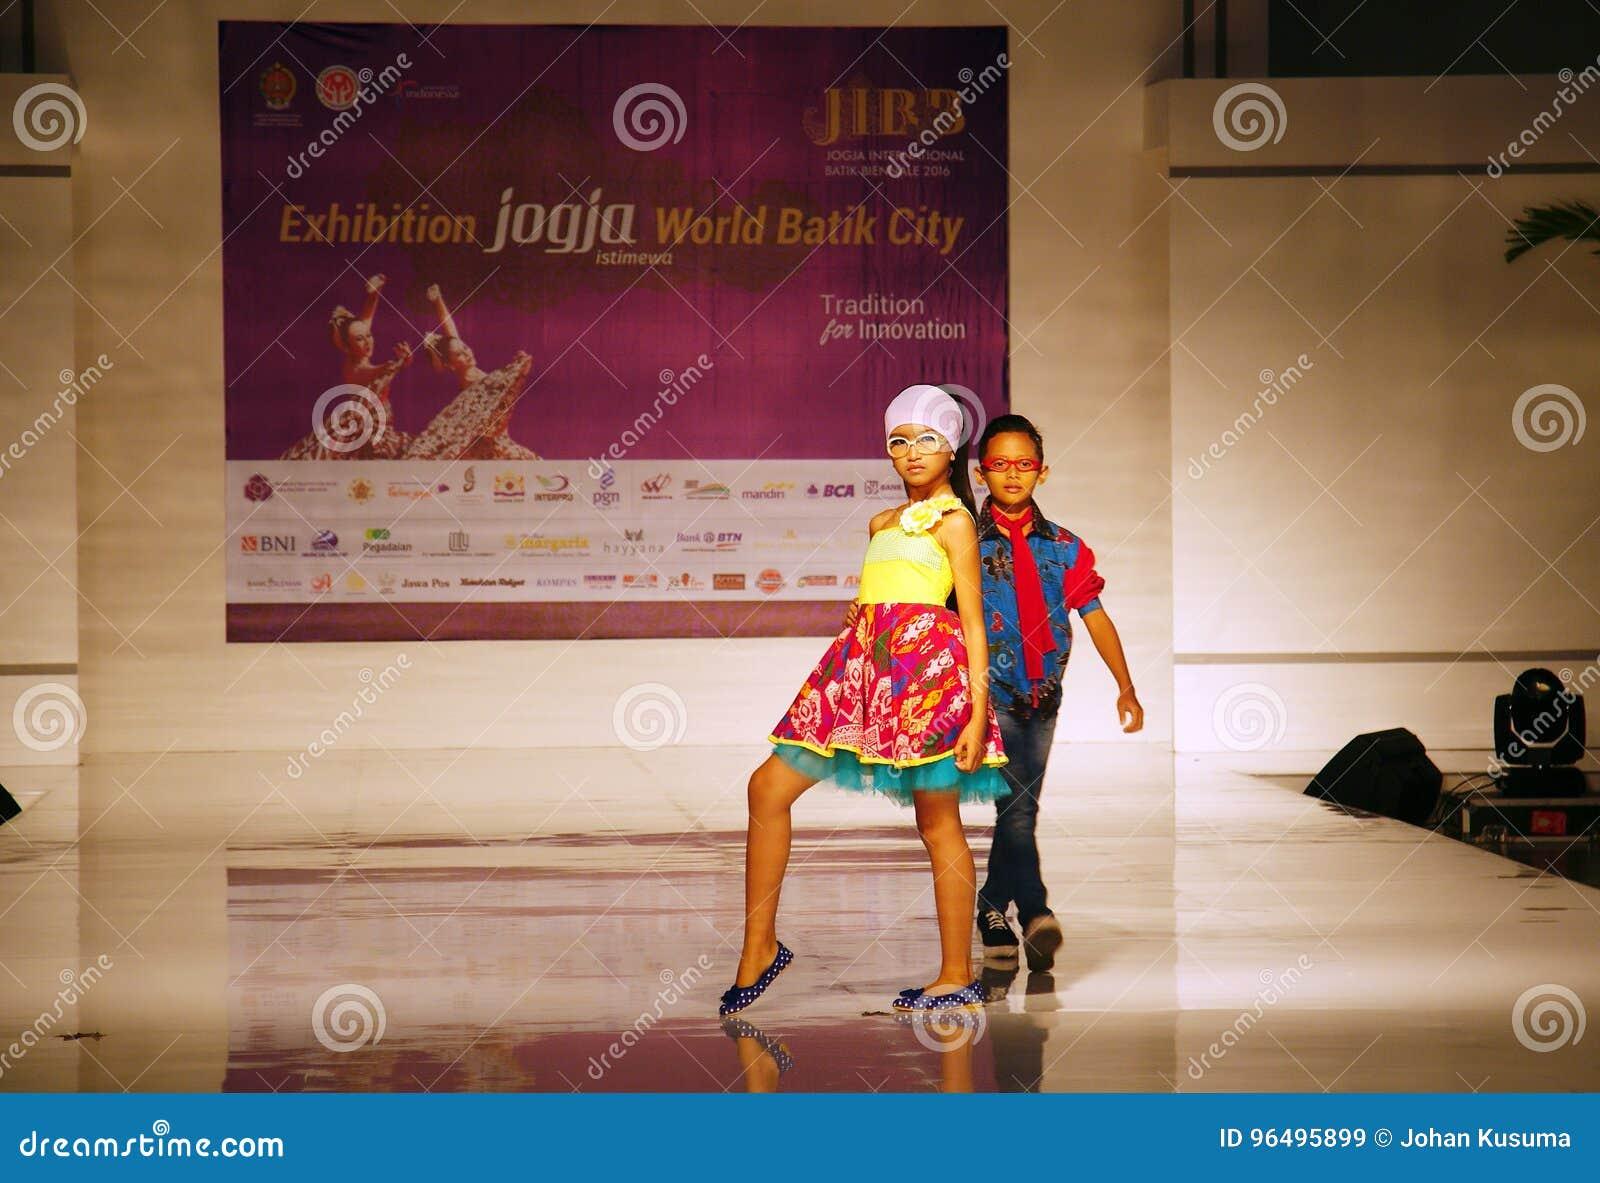 Jogja International Batik Biennale 2017 Batik Fashion Show